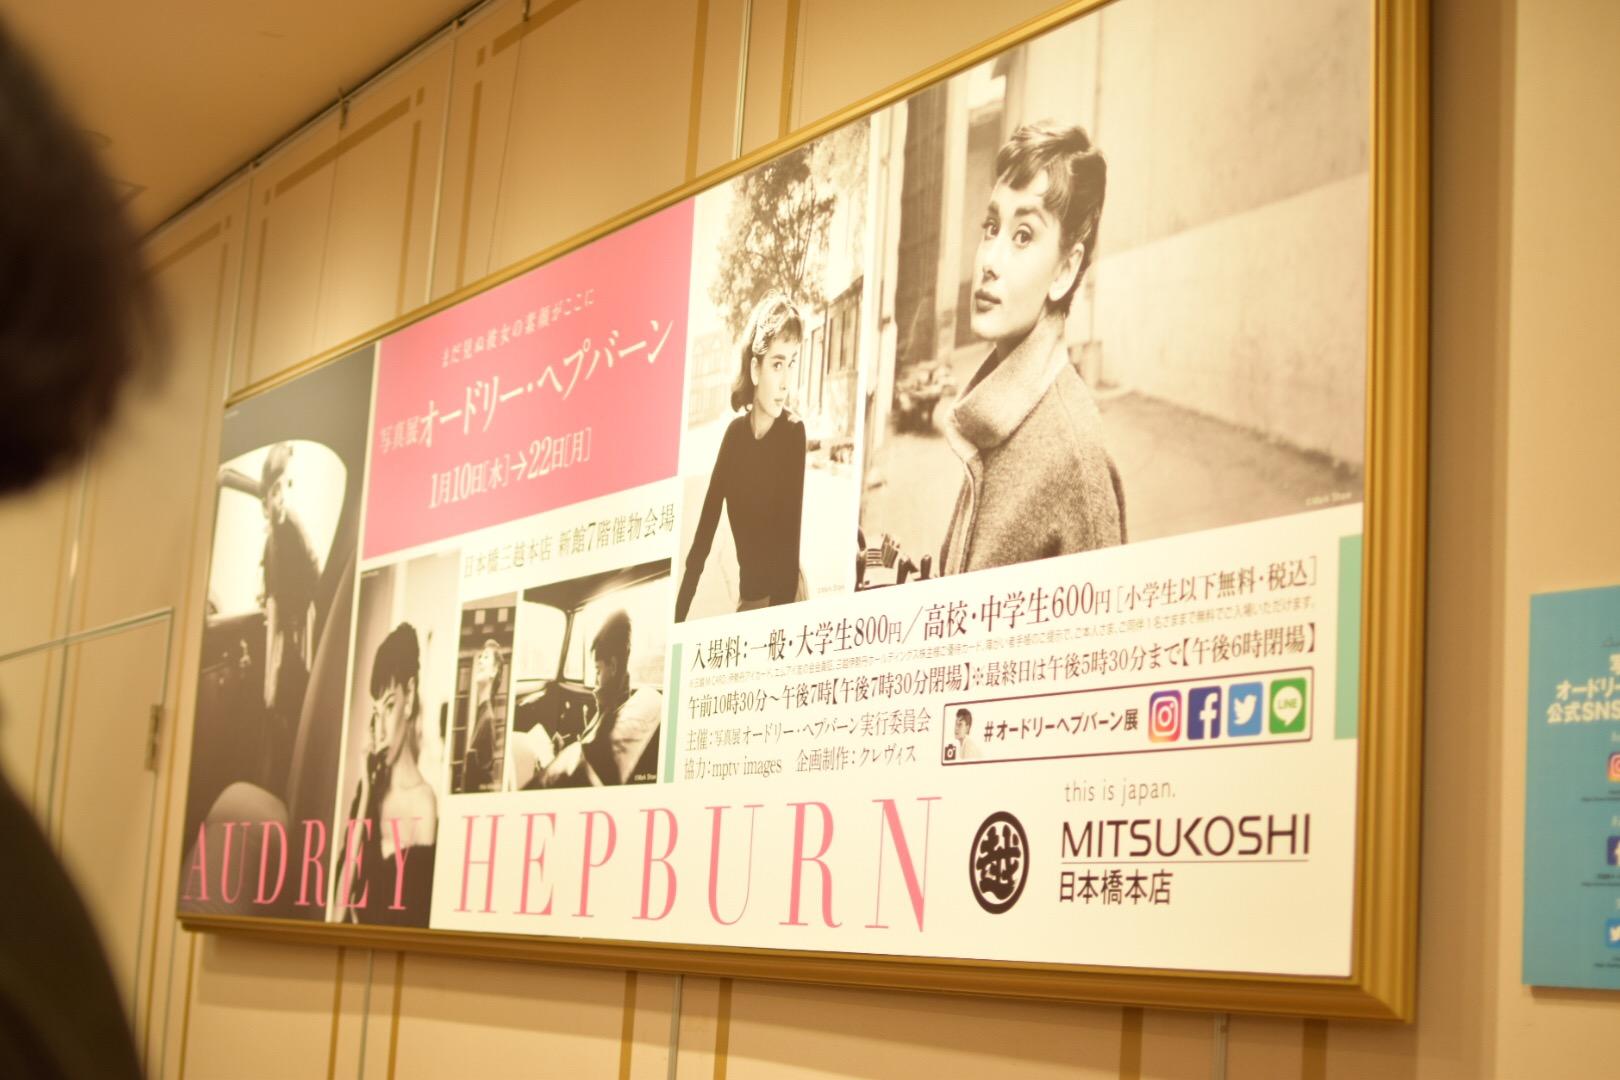 【東京】写真展オードリーヘプバーン【日本橋三越本店】